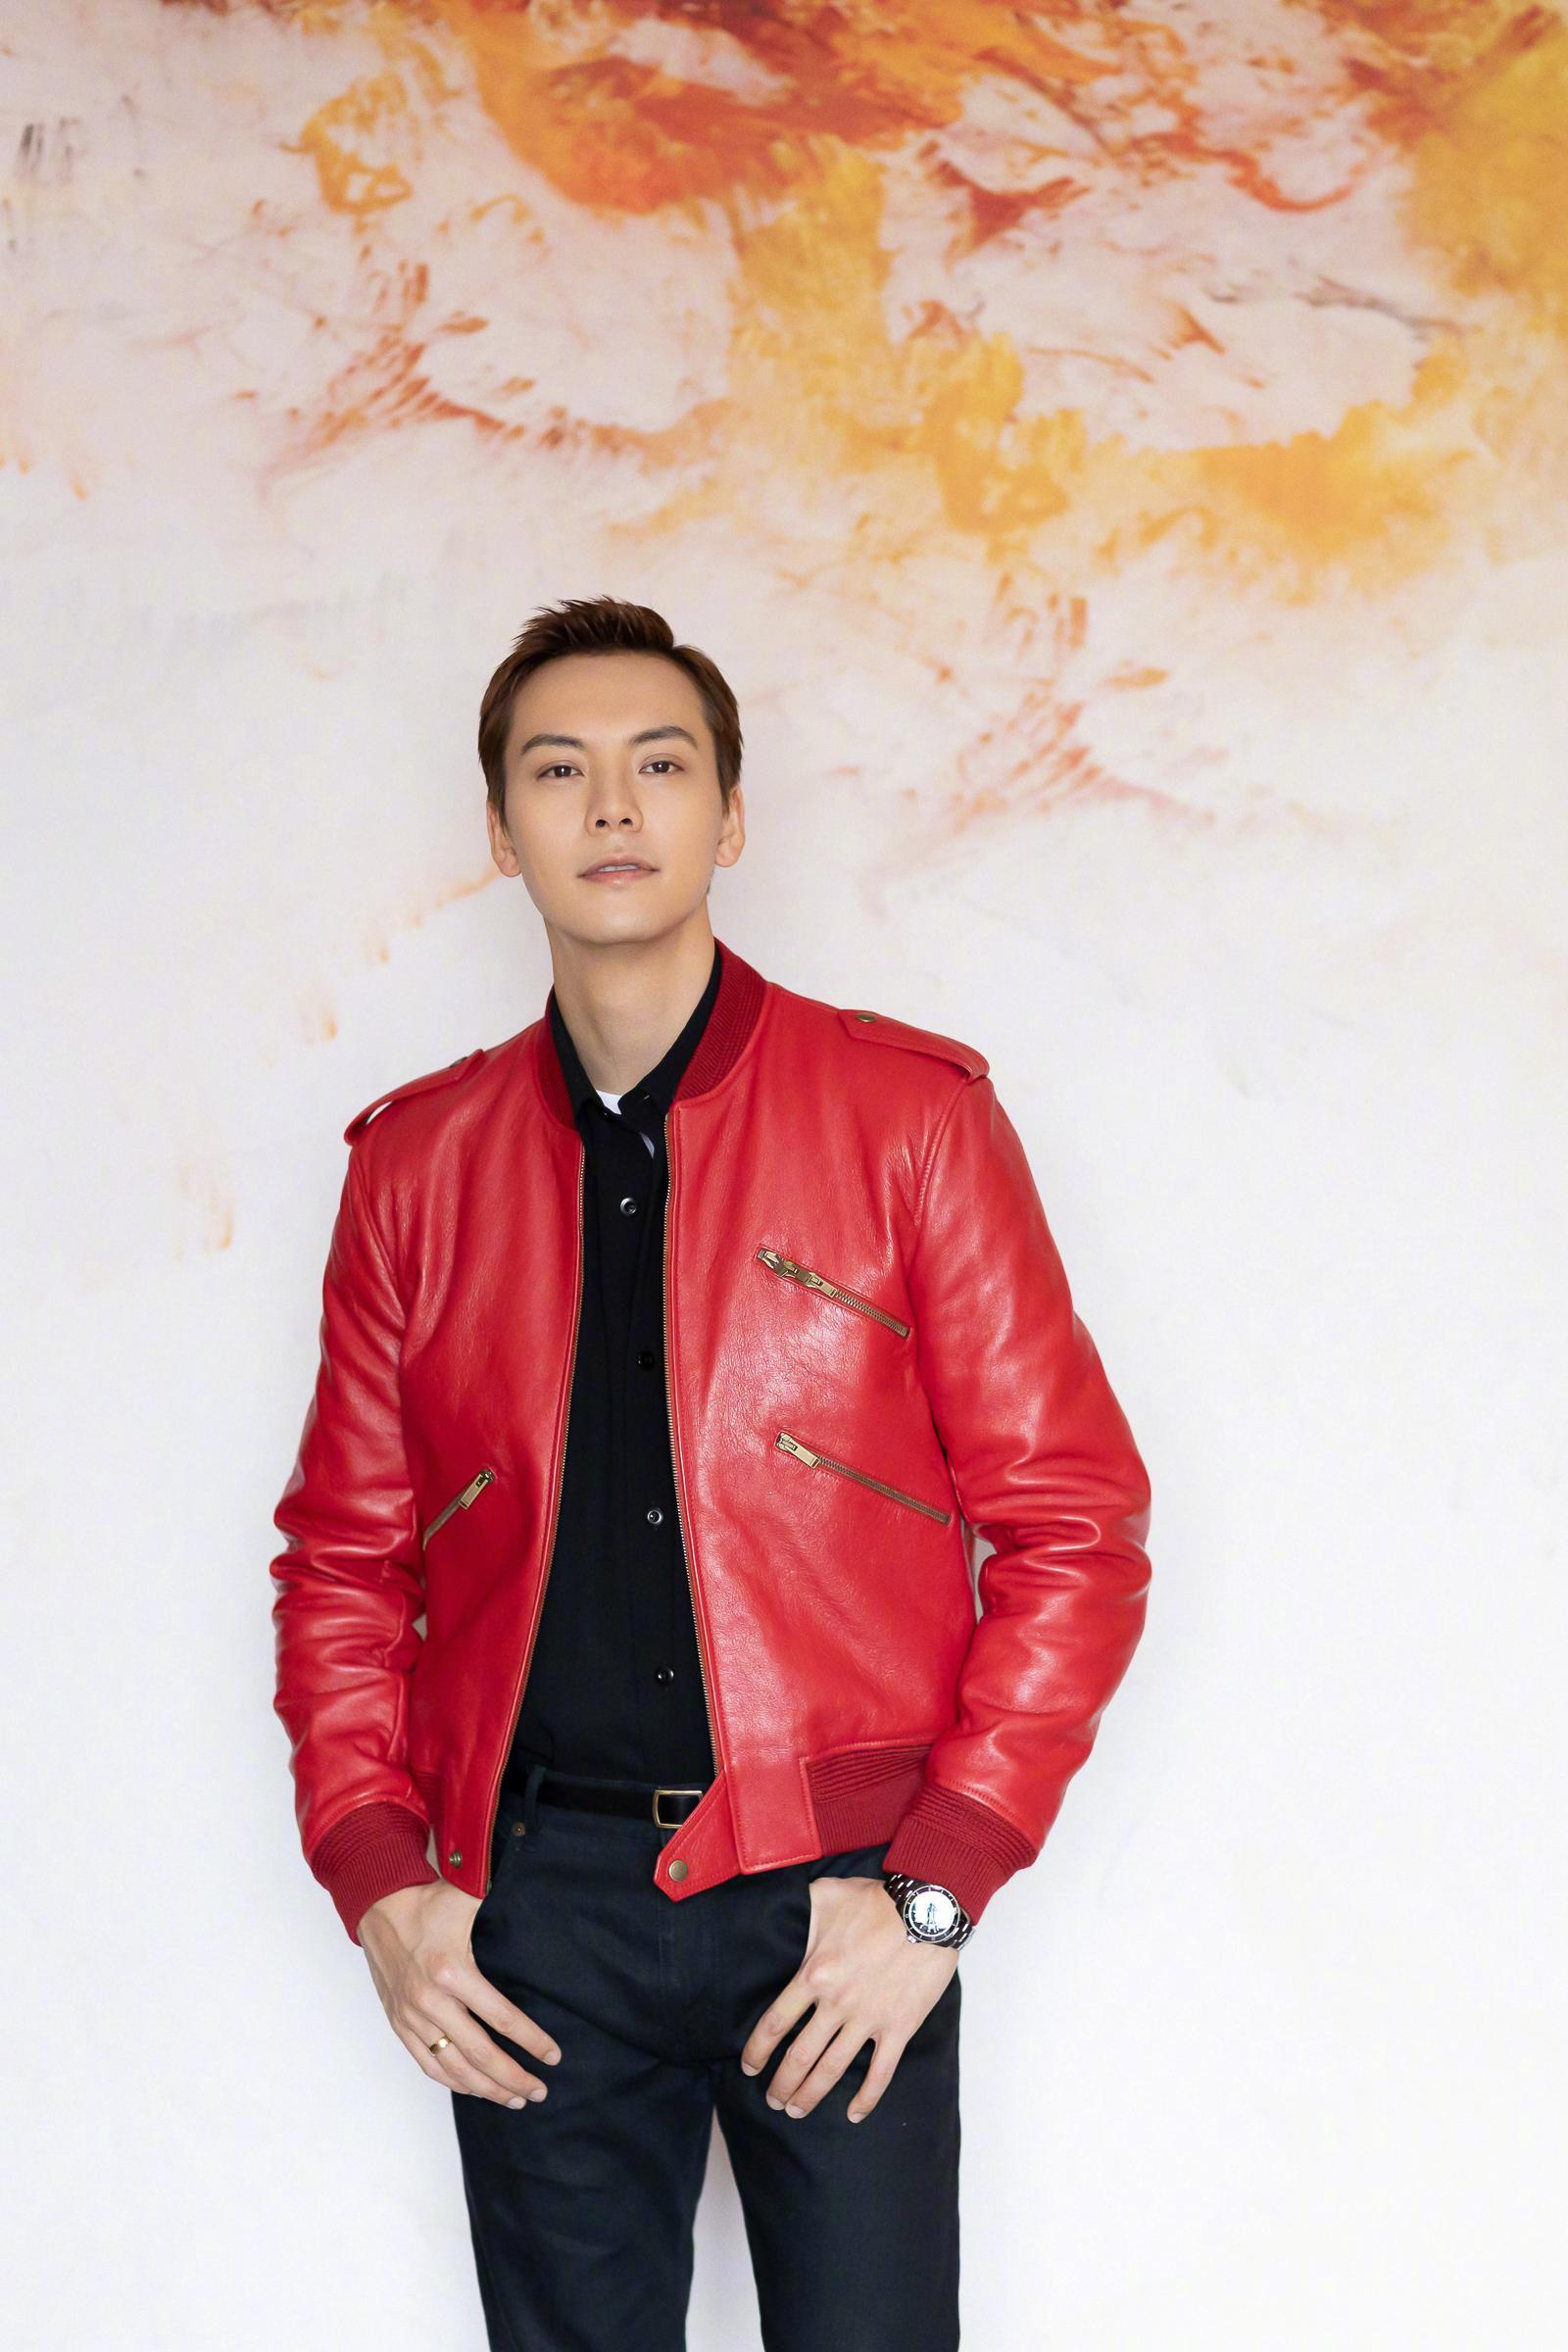 2020央视春晚,身着Saint Laurent红色机车夹克搭配黑色衬衫